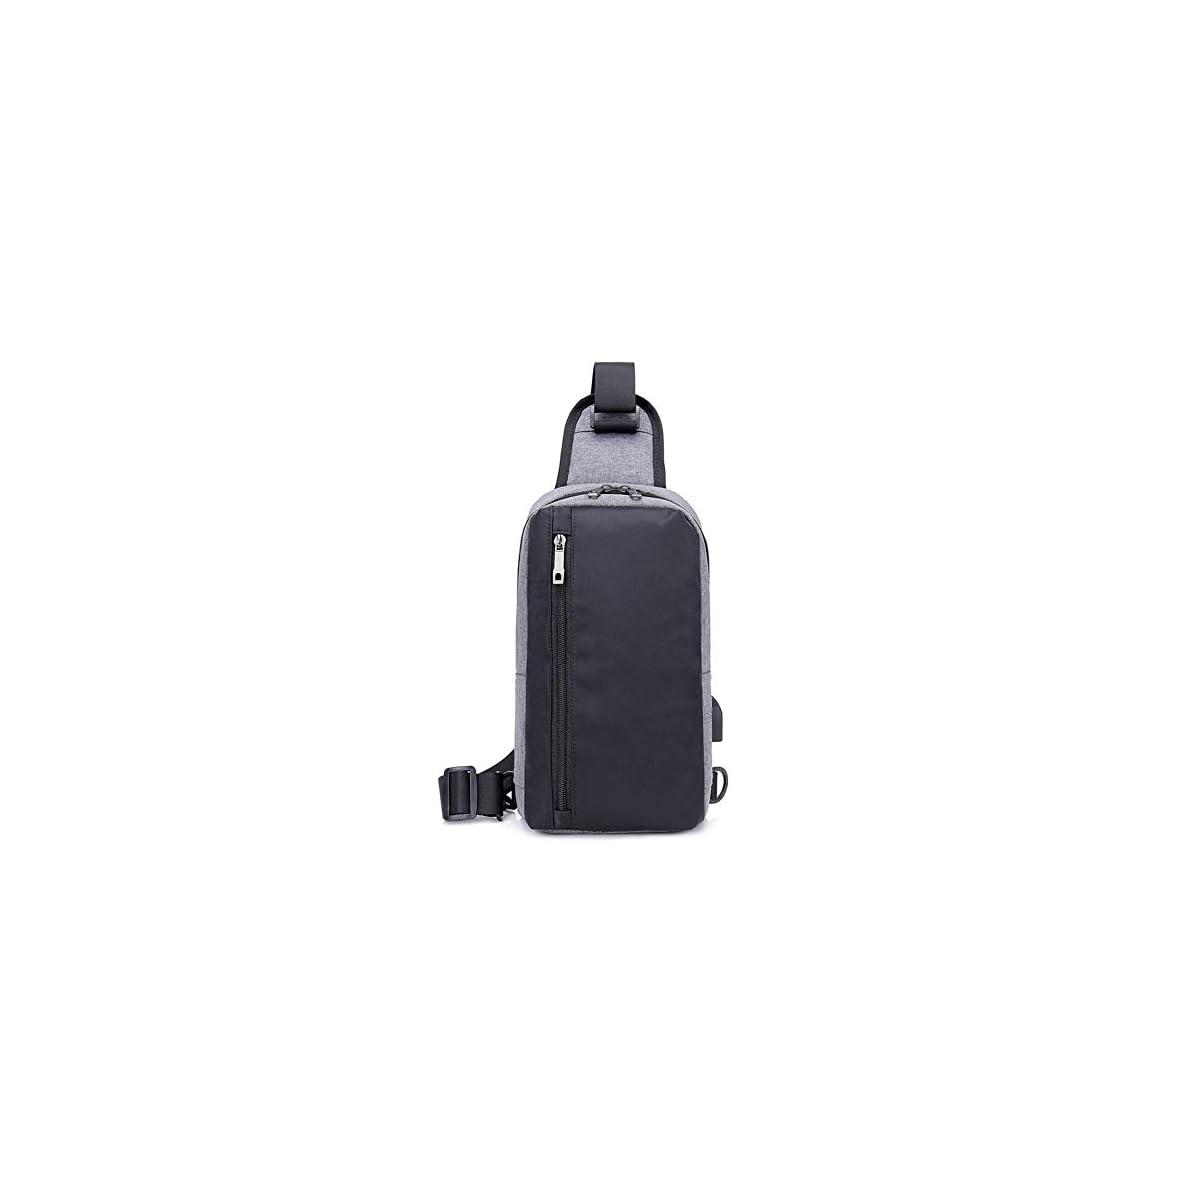 41Spuby dVL. SS1200  - BEIBAO Ropa de Vela USB recargar Bolsa de Pechos Hombre Llevar Mochila de Negocios recreación Defensa contra el Agua Viaje Solo Hombro Mochila(Gris Oscuro)